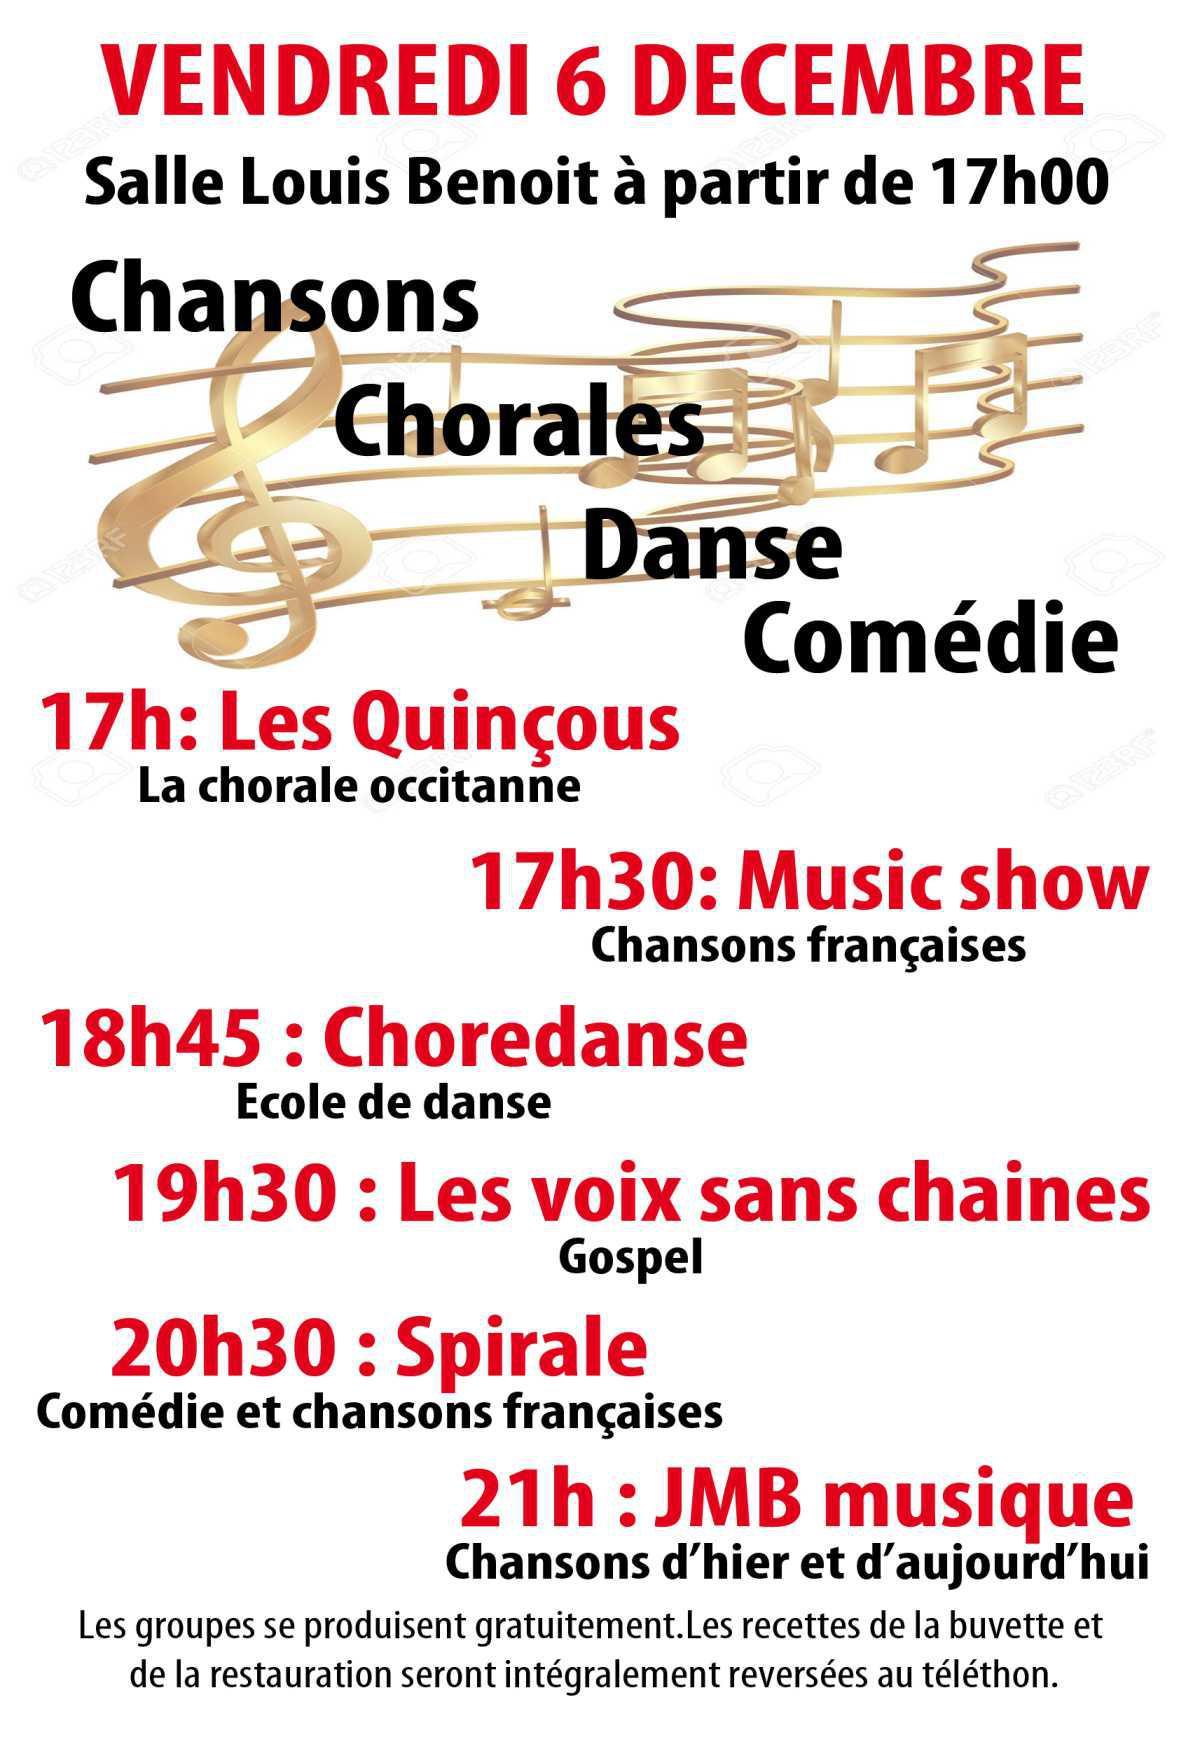 Programme du téléthon du 6, 7 et 8 décembre 2019 à Saint Hilaire de Brethmas.